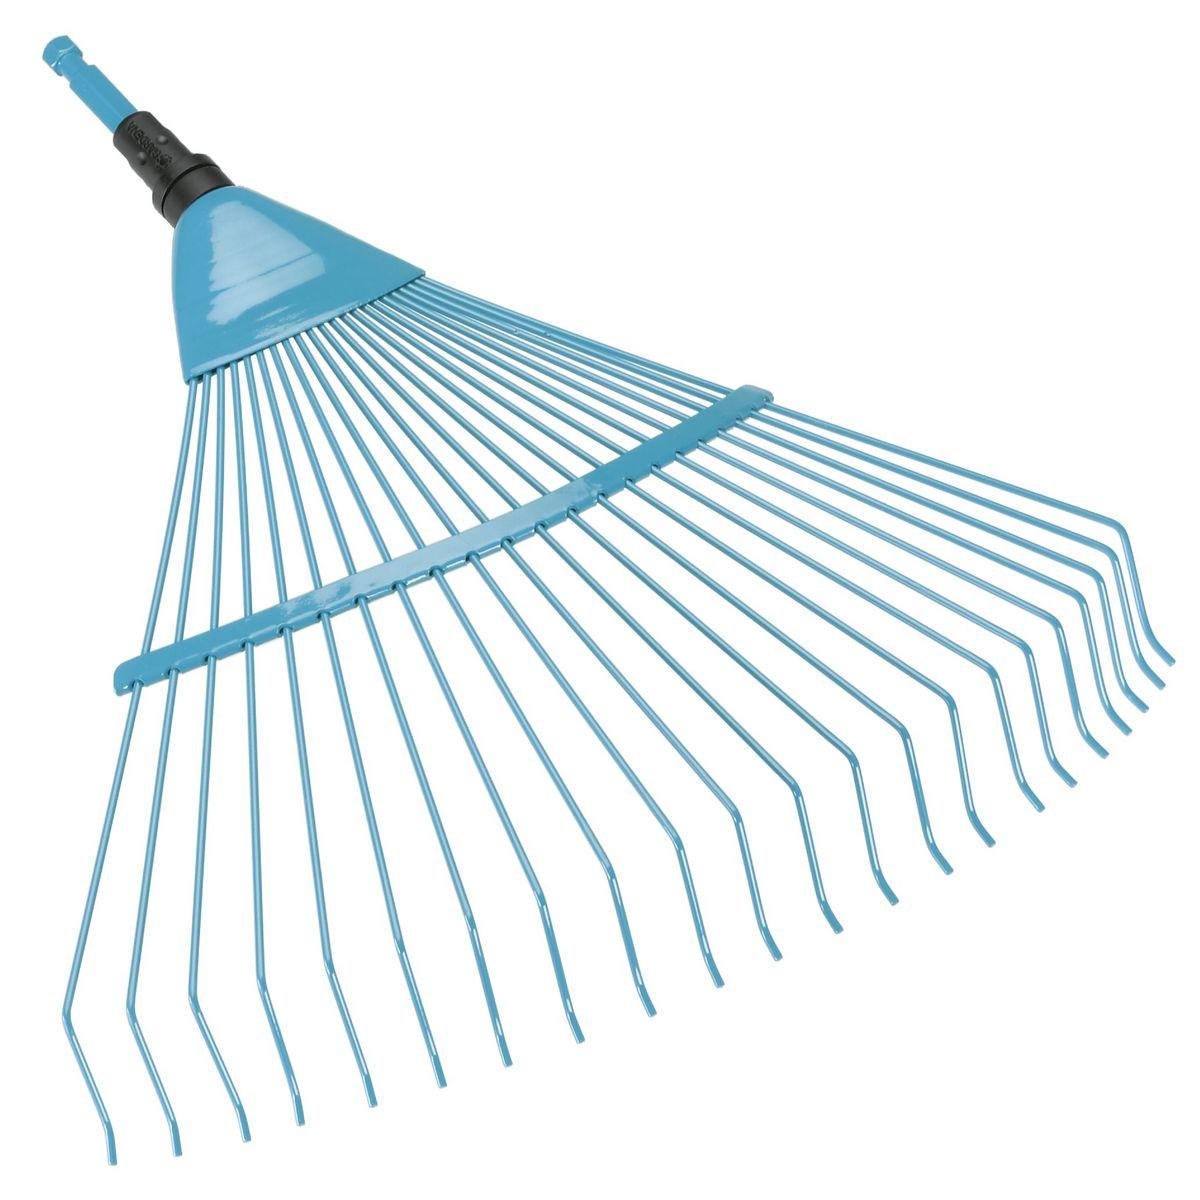 Грабли проволочные пружинящие Gardena, без ручкиC0031140Грабли проволочные пружинящие Gardena выполнены из высококачественной жесткой проволоки и высококачественной стали с покрытием из дюропласта, которое обеспечивает оптимальную защиту материала от коррозии. Грабли представляют собой идеальный инструмент для очистки и аэрации заболоченных участков газона. Прочные проволочные зубья и большая рабочая ширина обеспечивают быстрое и эффективное выполнение работы. Грабли могут использоваться с любой ручкой, однако рекомендуется использовать ручку длиной 130 см, в зависимости от роста пользователя. Рабочая ширина: 50 см.